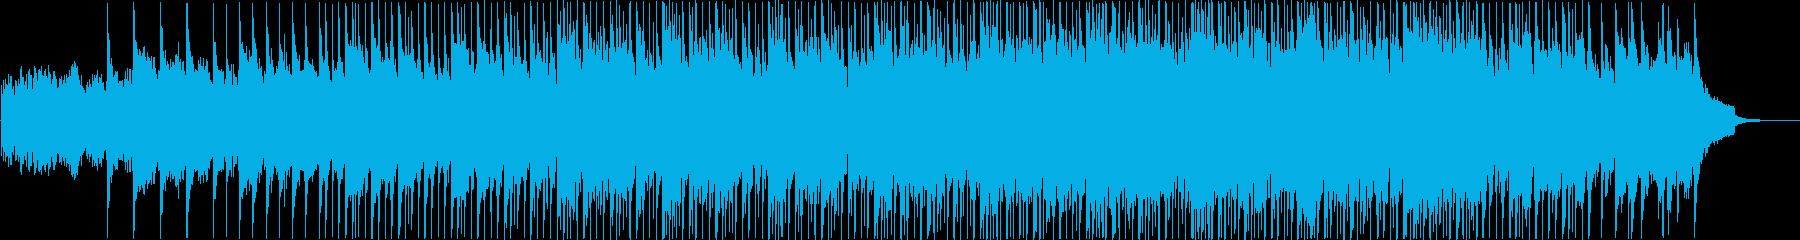 高揚感あるコーポエイトポップミュージックの再生済みの波形